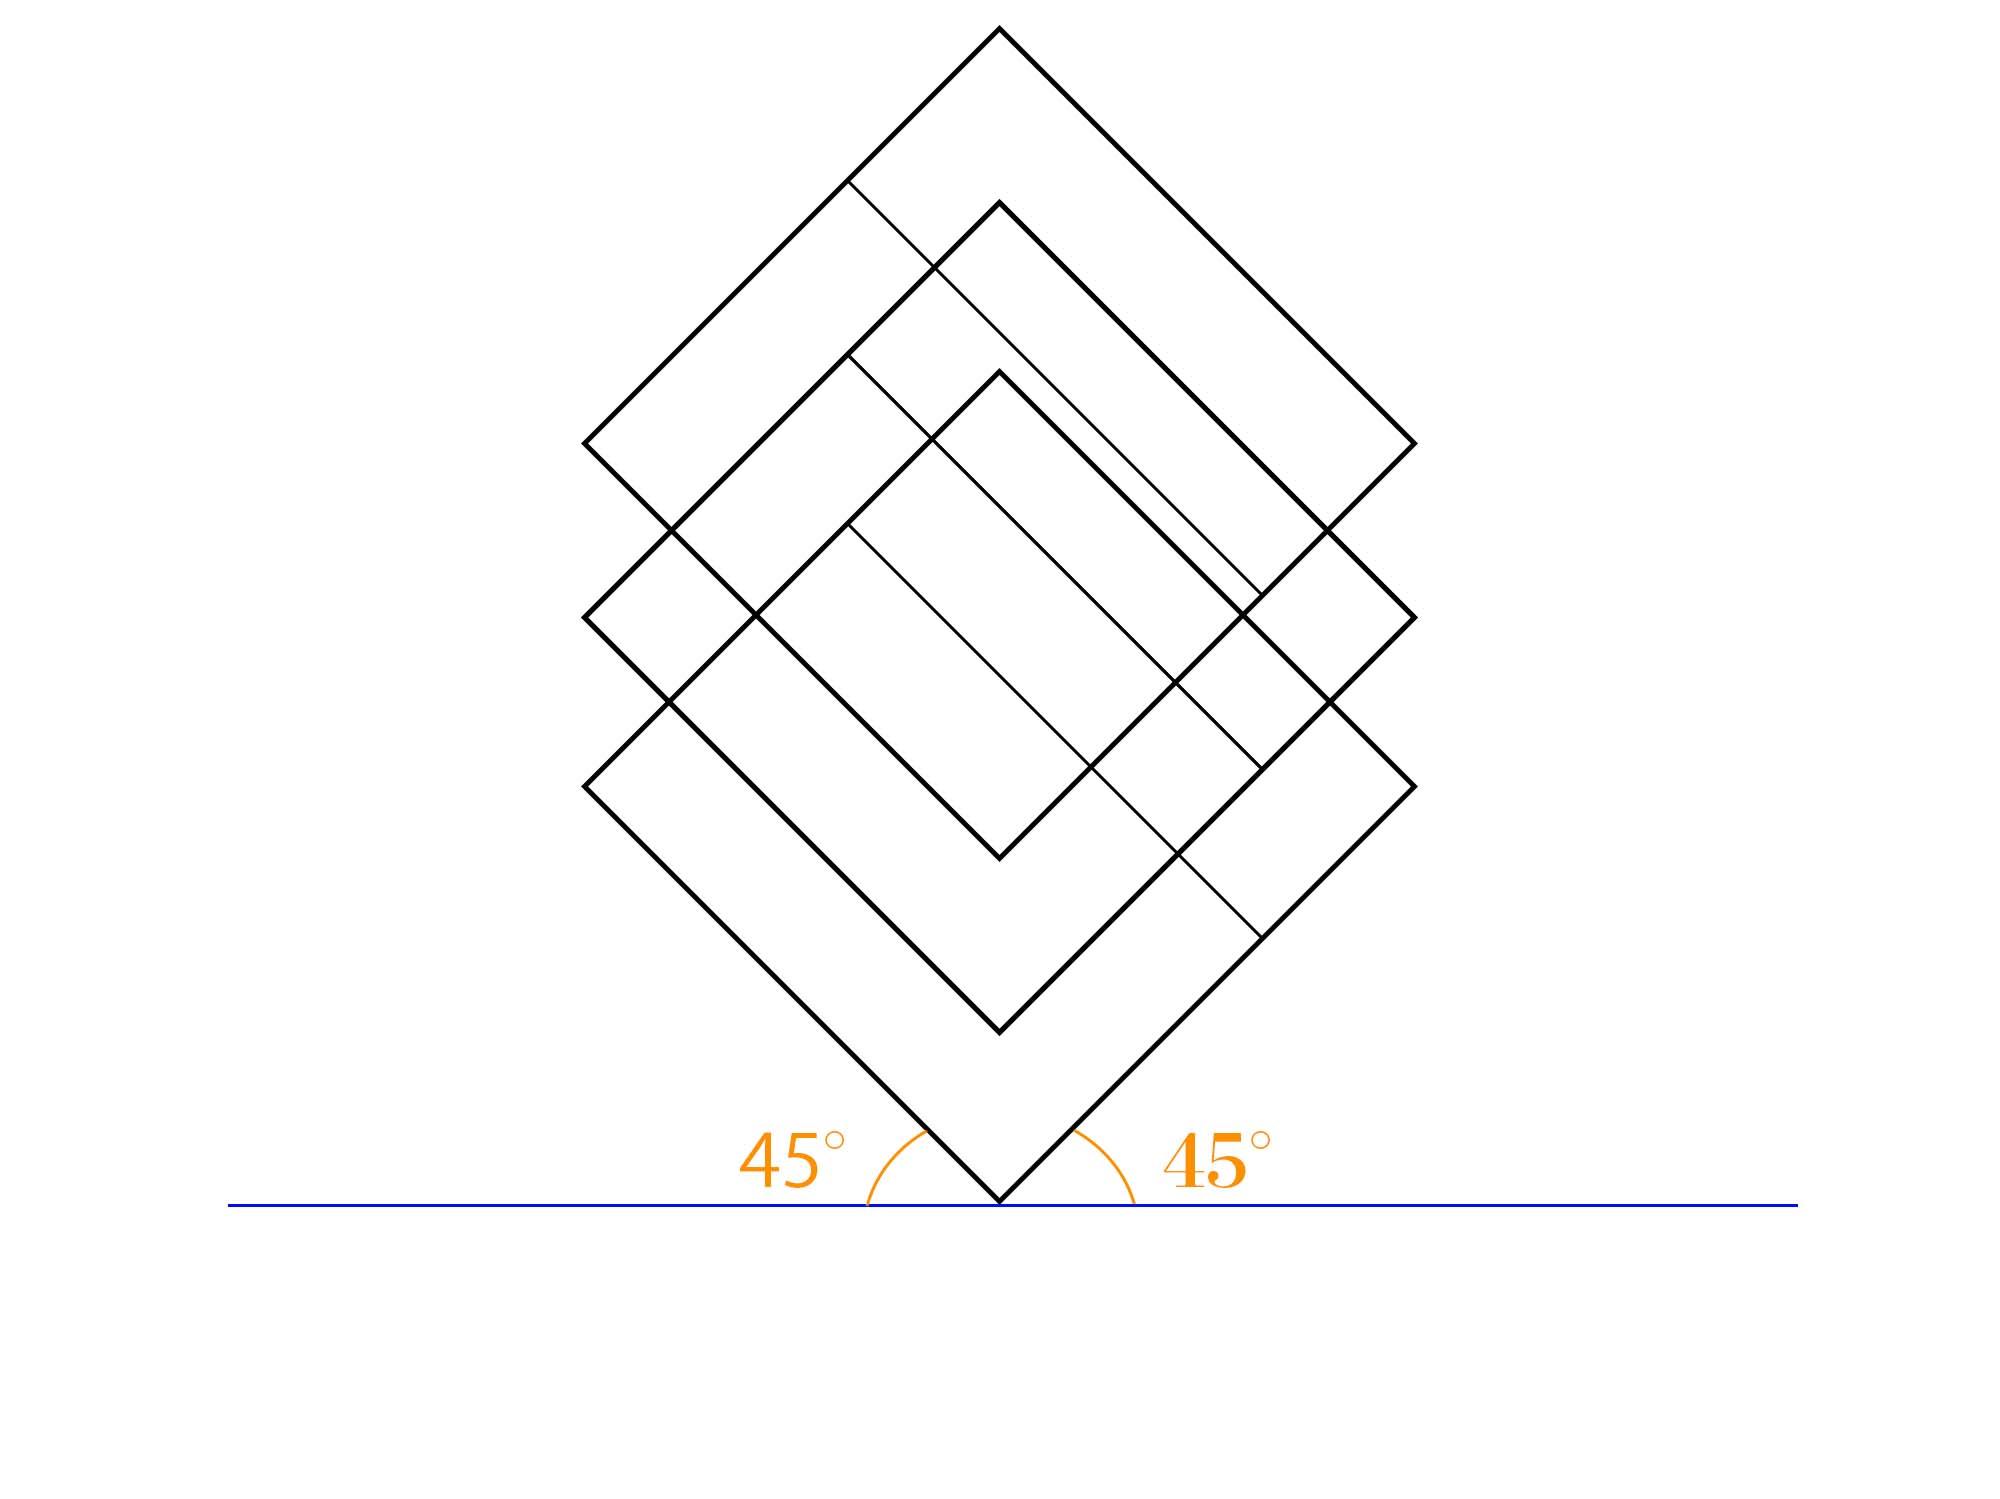 傾斜平面図描き方ステップ③